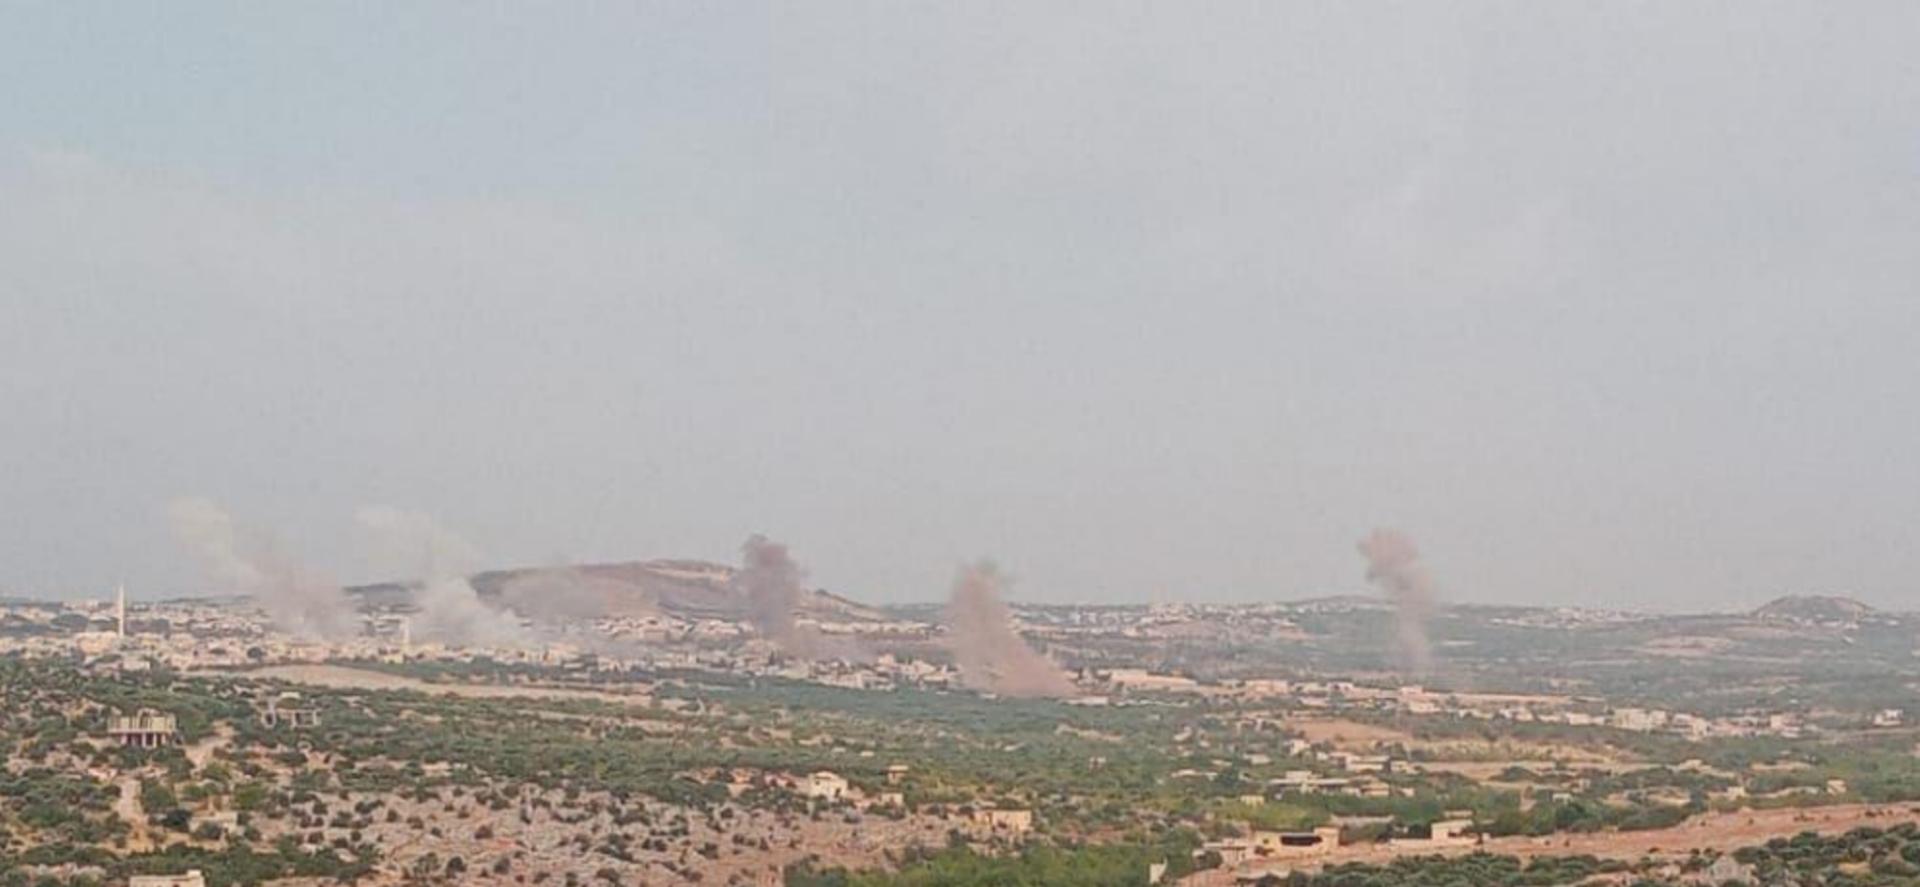 Suriye: TSK sevkiyatları sürerken Rusya ve rejim İdlib'i vuruyor